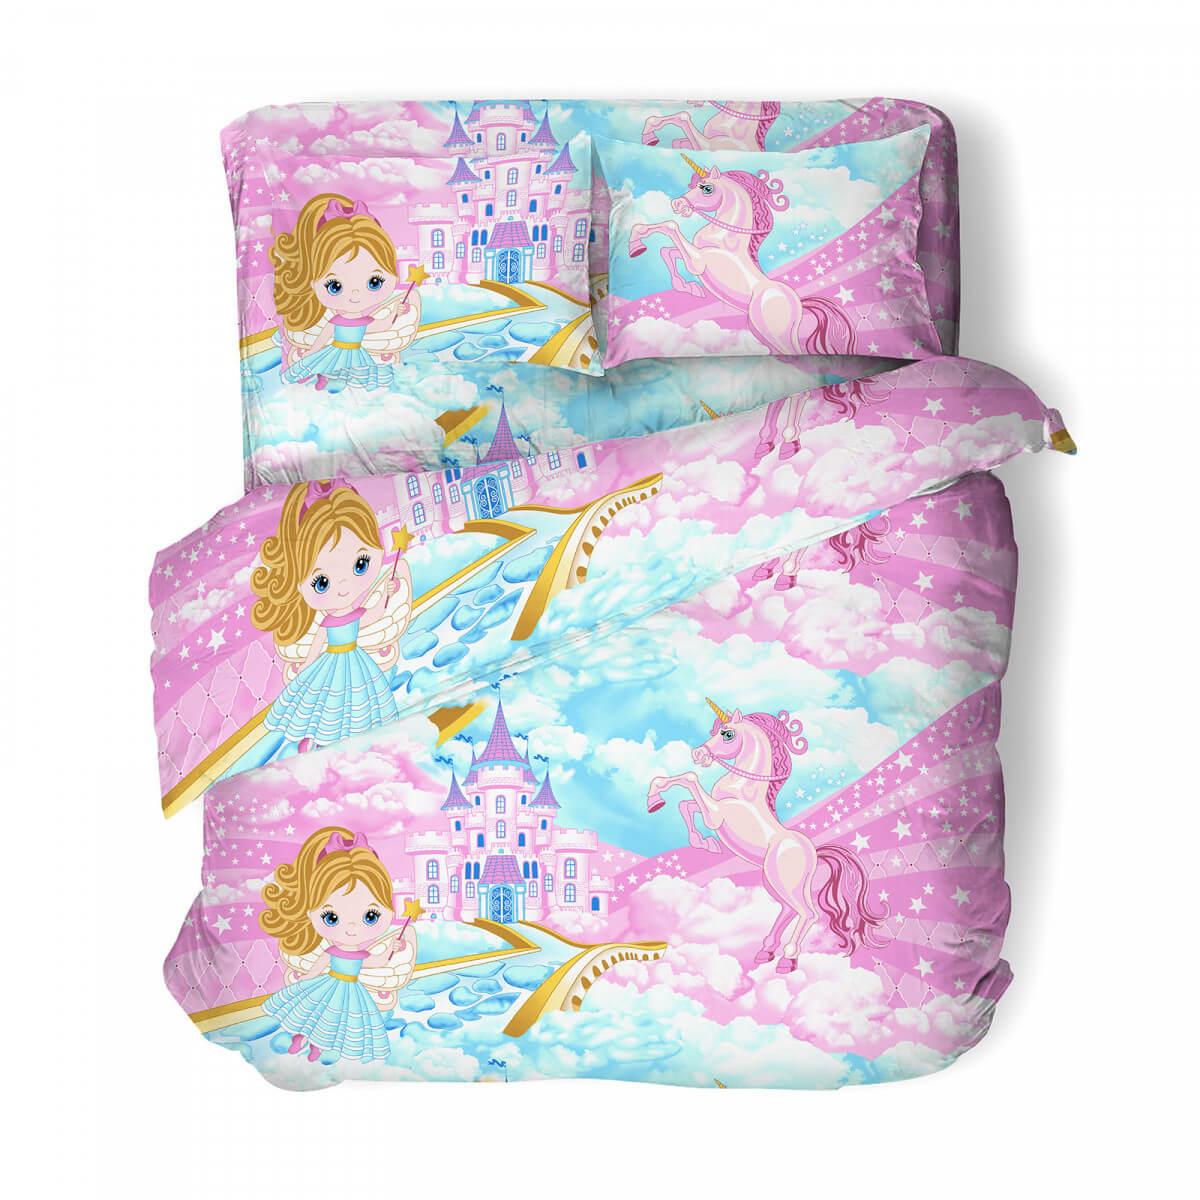 """Комплект постельного белья 1,5-спальный, бязь """"Комфорт"""", детская расцветка (Фея и единорог)"""